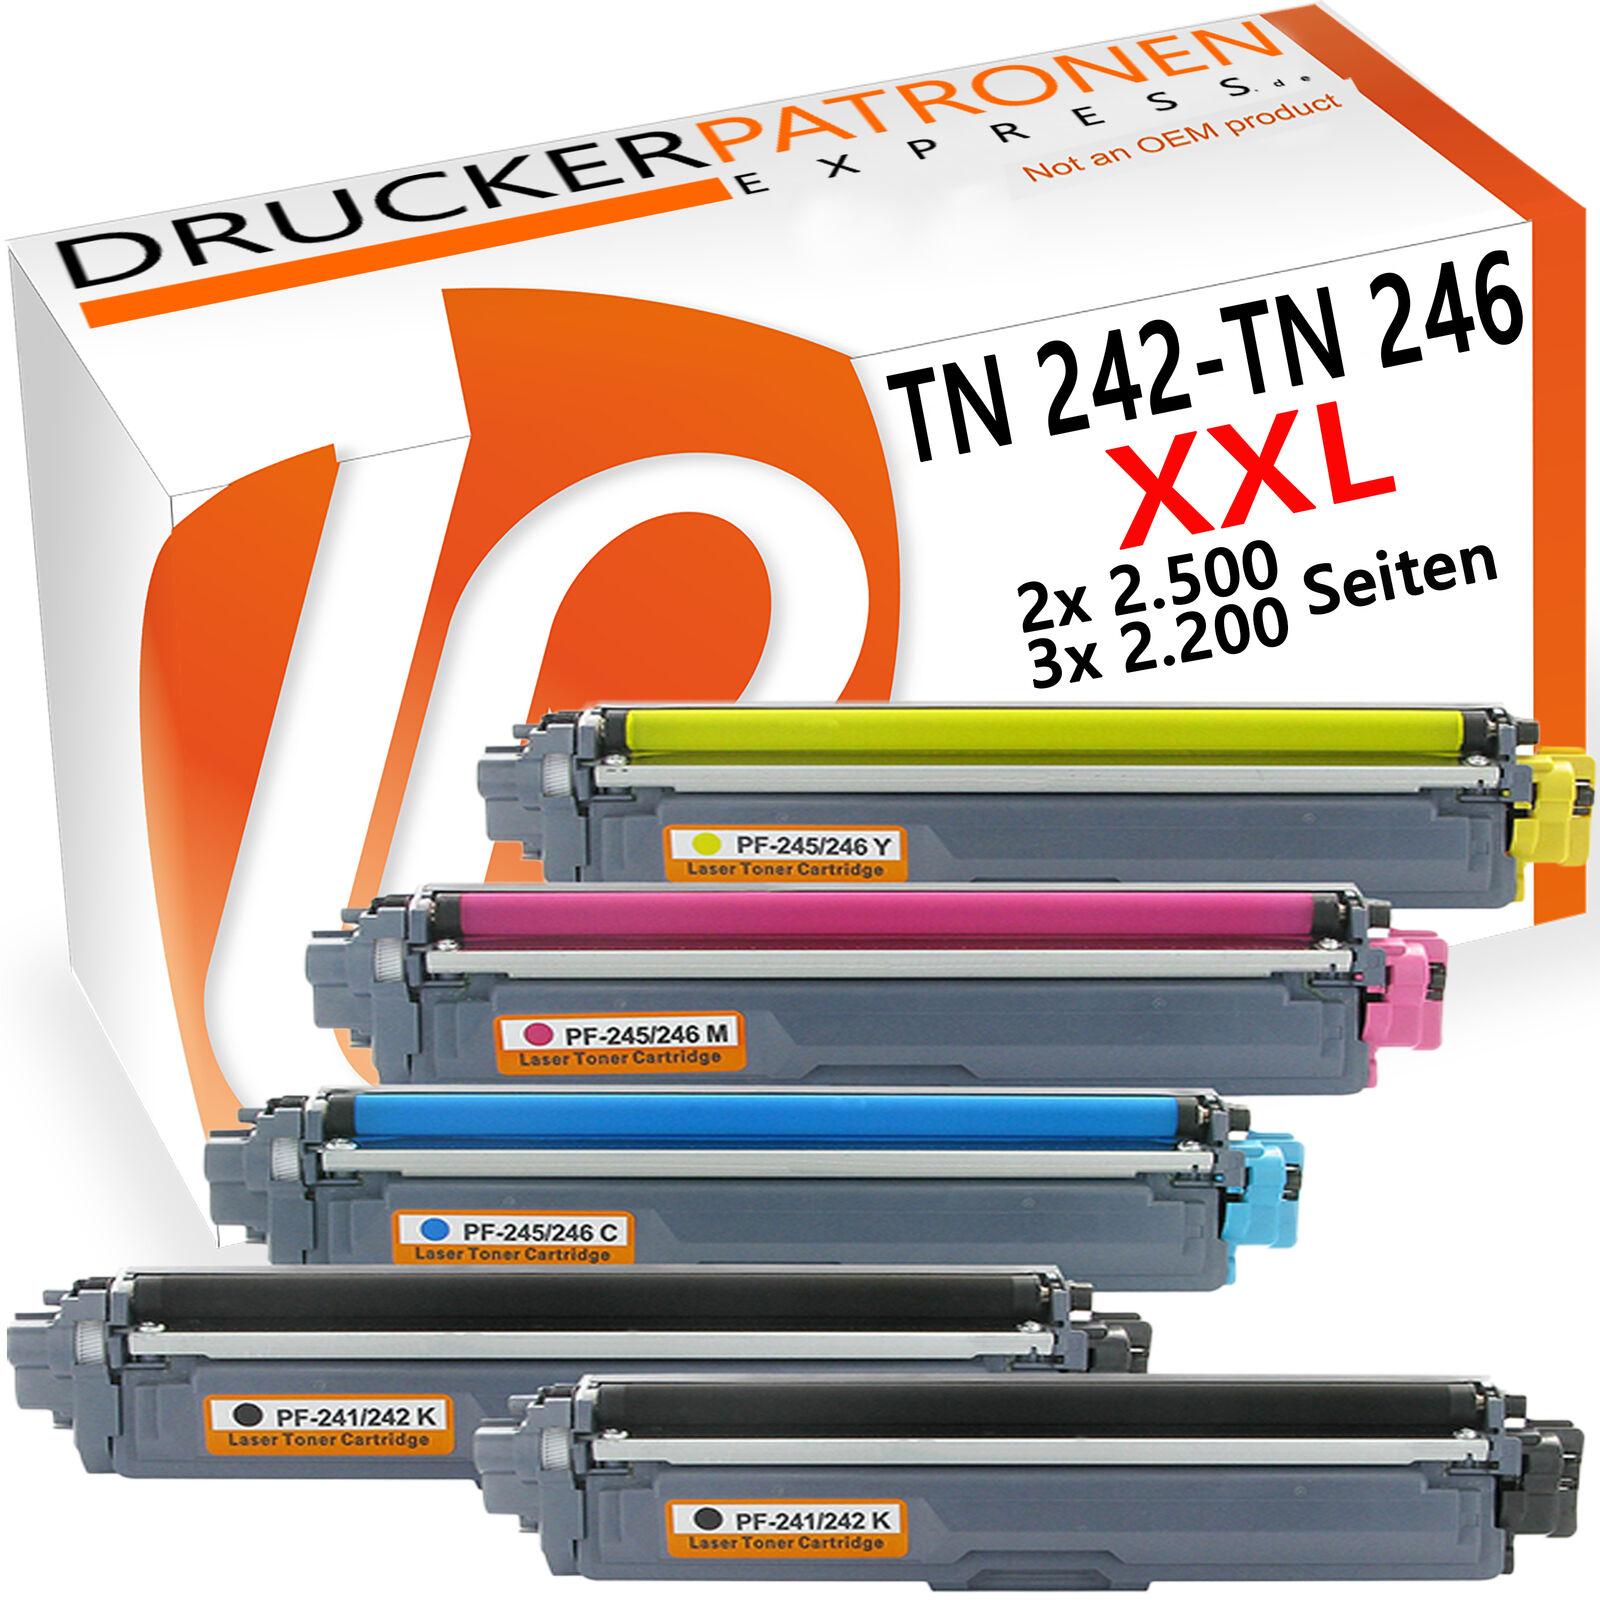 5 Toner für Brother TN-242 TN-246 DCP-9022CDW HL-3142CW HL3172CDW HL3152CDW Set